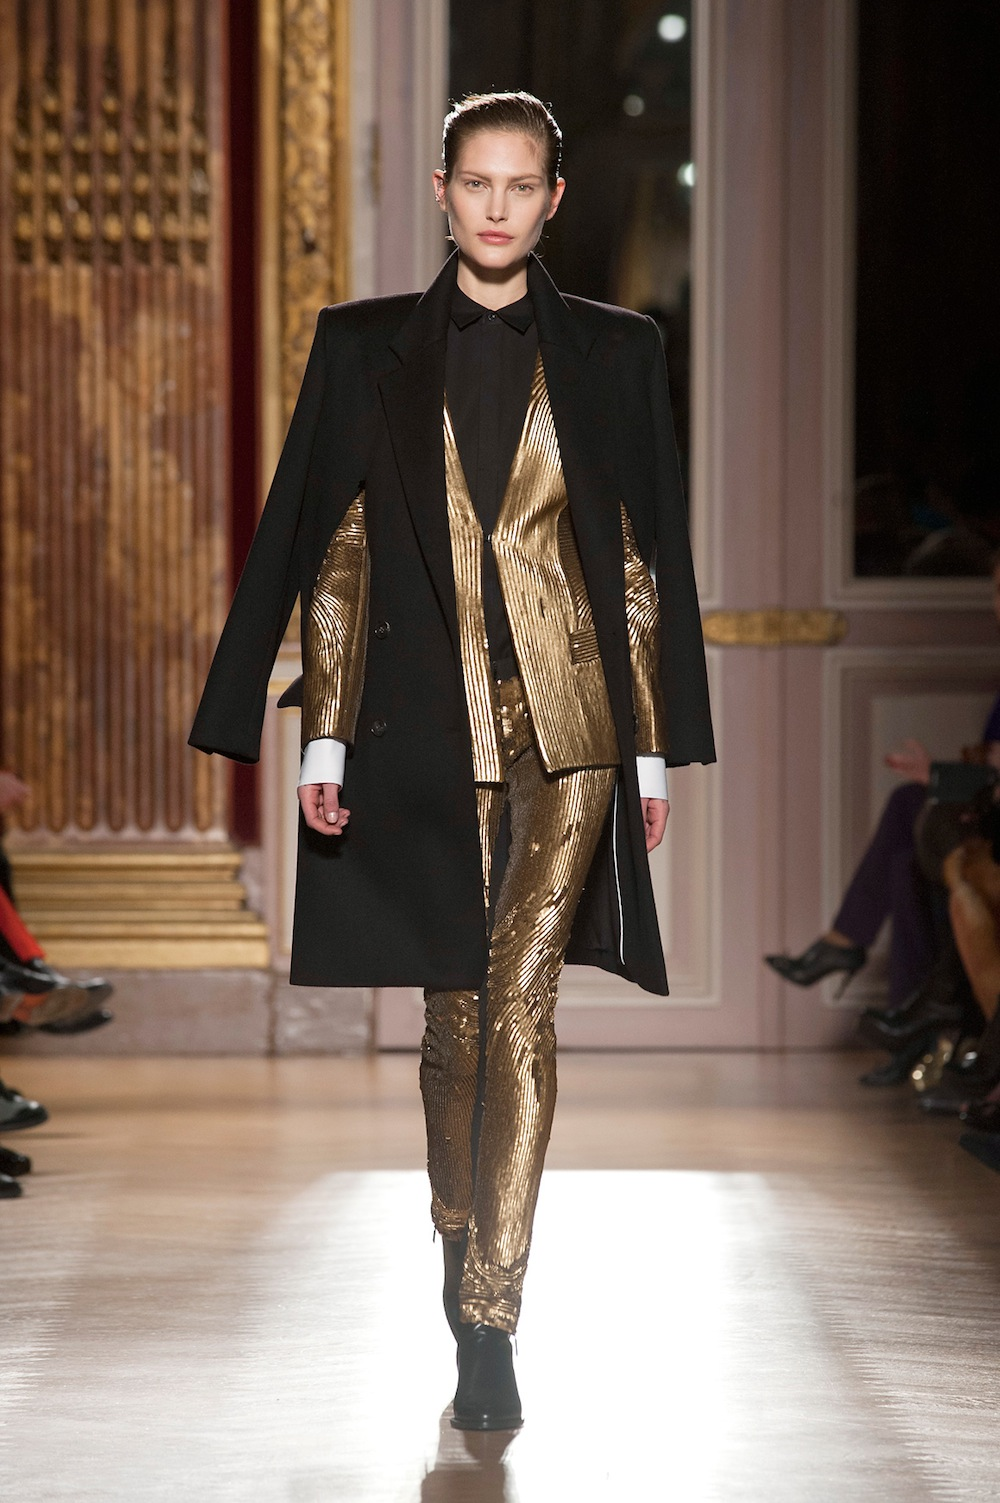 Gold Suit at Barbara Bui